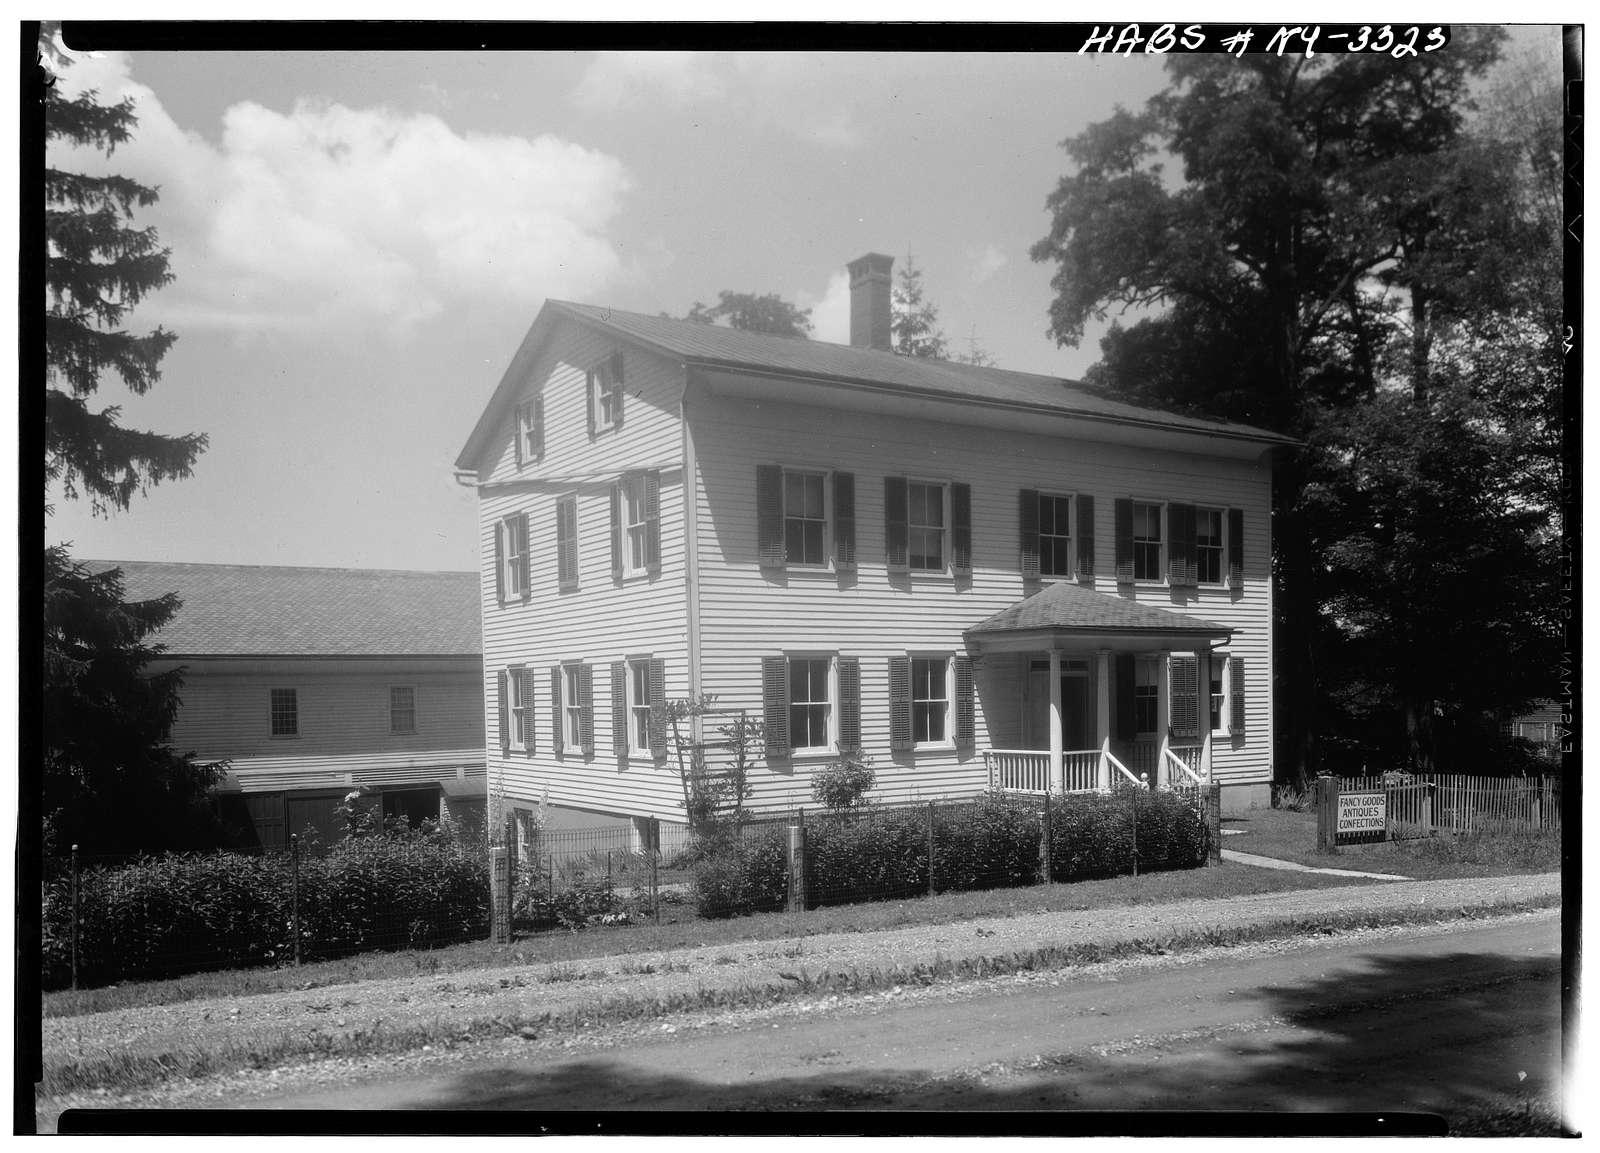 Shaker North Family Office & Store, Shaker Road, New Lebanon, Columbia County, NY